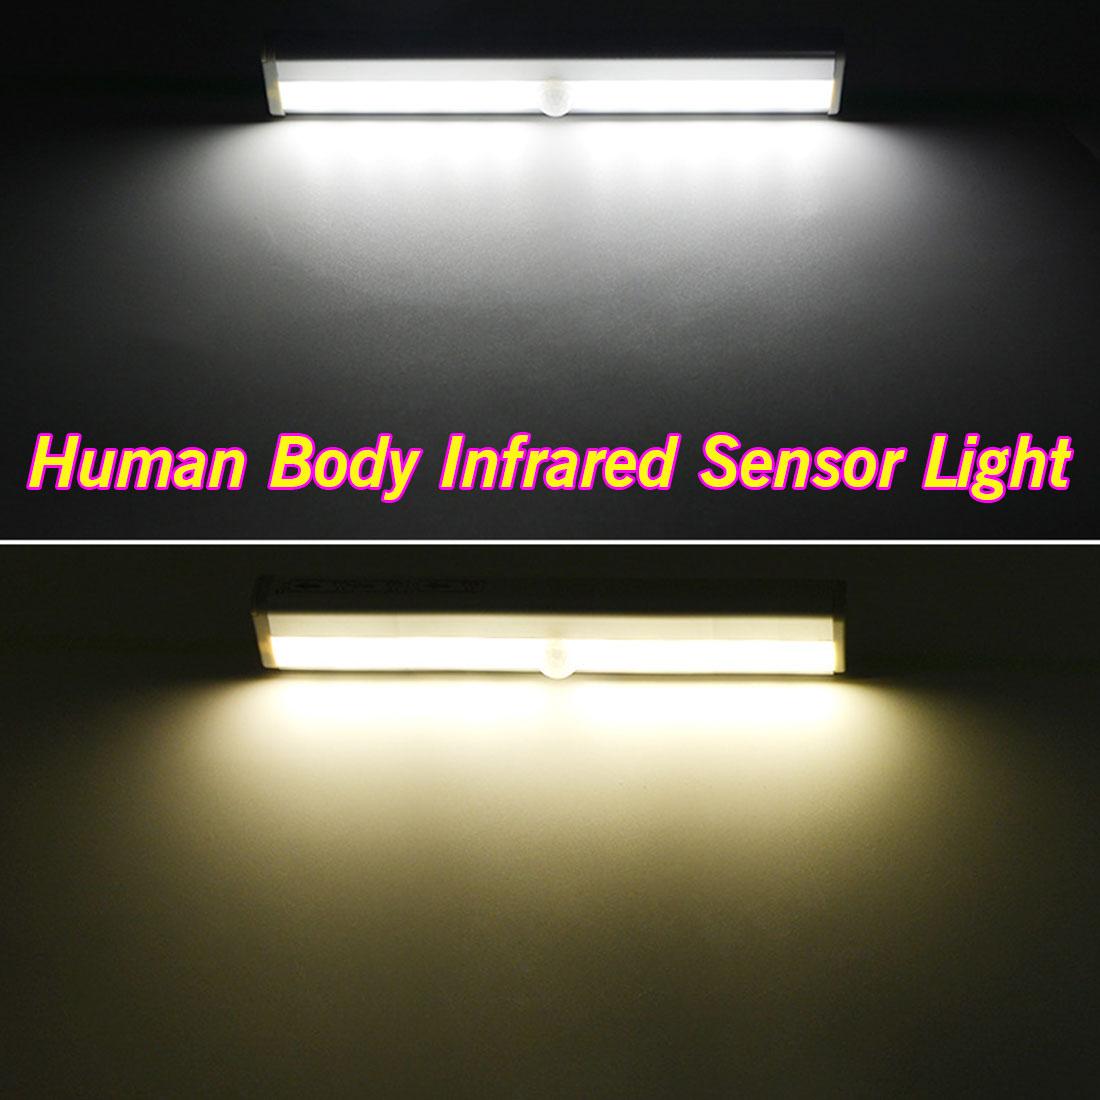 3 м клейкая лента шкаф светильник в шкаф 10 LED движения PIR сенсор свет автоматический свет зондирования ночник для магазина одежды